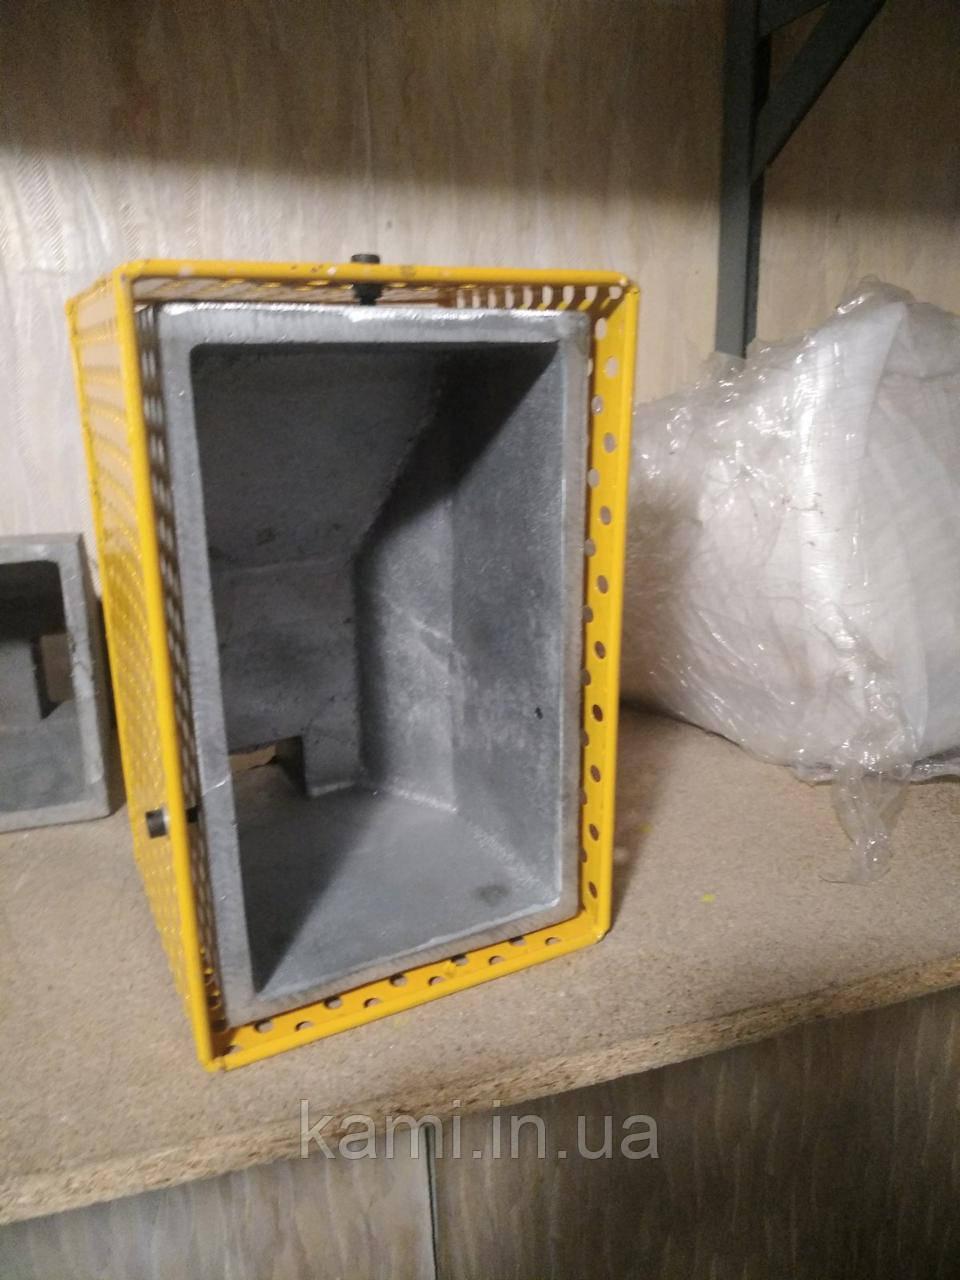 Клеевая ванна (Клеевой бачок) из силумина для кромкооблицовочного станка MFBJ-503II